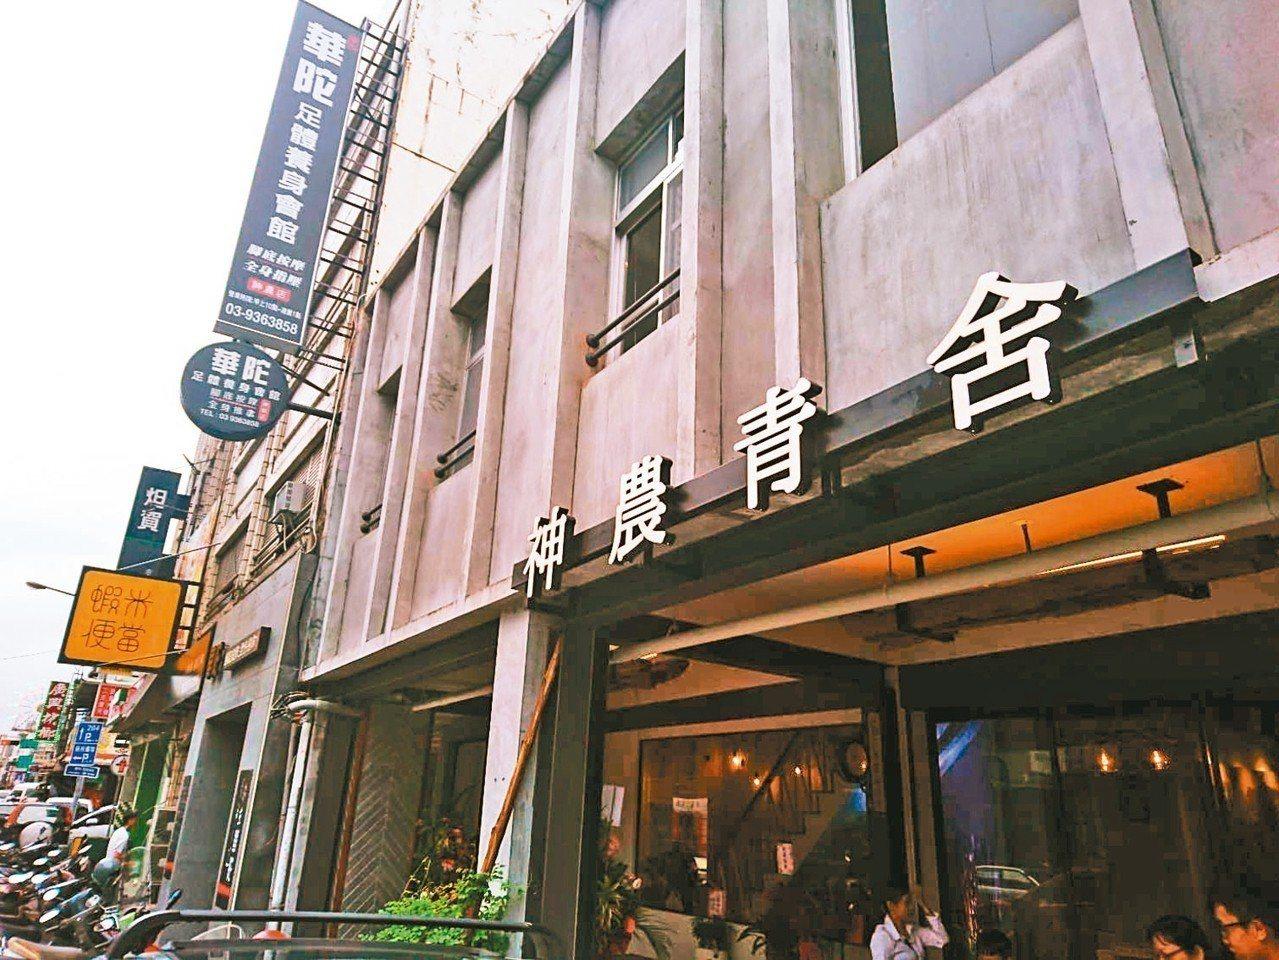 57年歷史的台灣省政府糧食局宜蘭宿舍,宜蘭縣文化局接手後整修,7棟相連的老屋文藝...